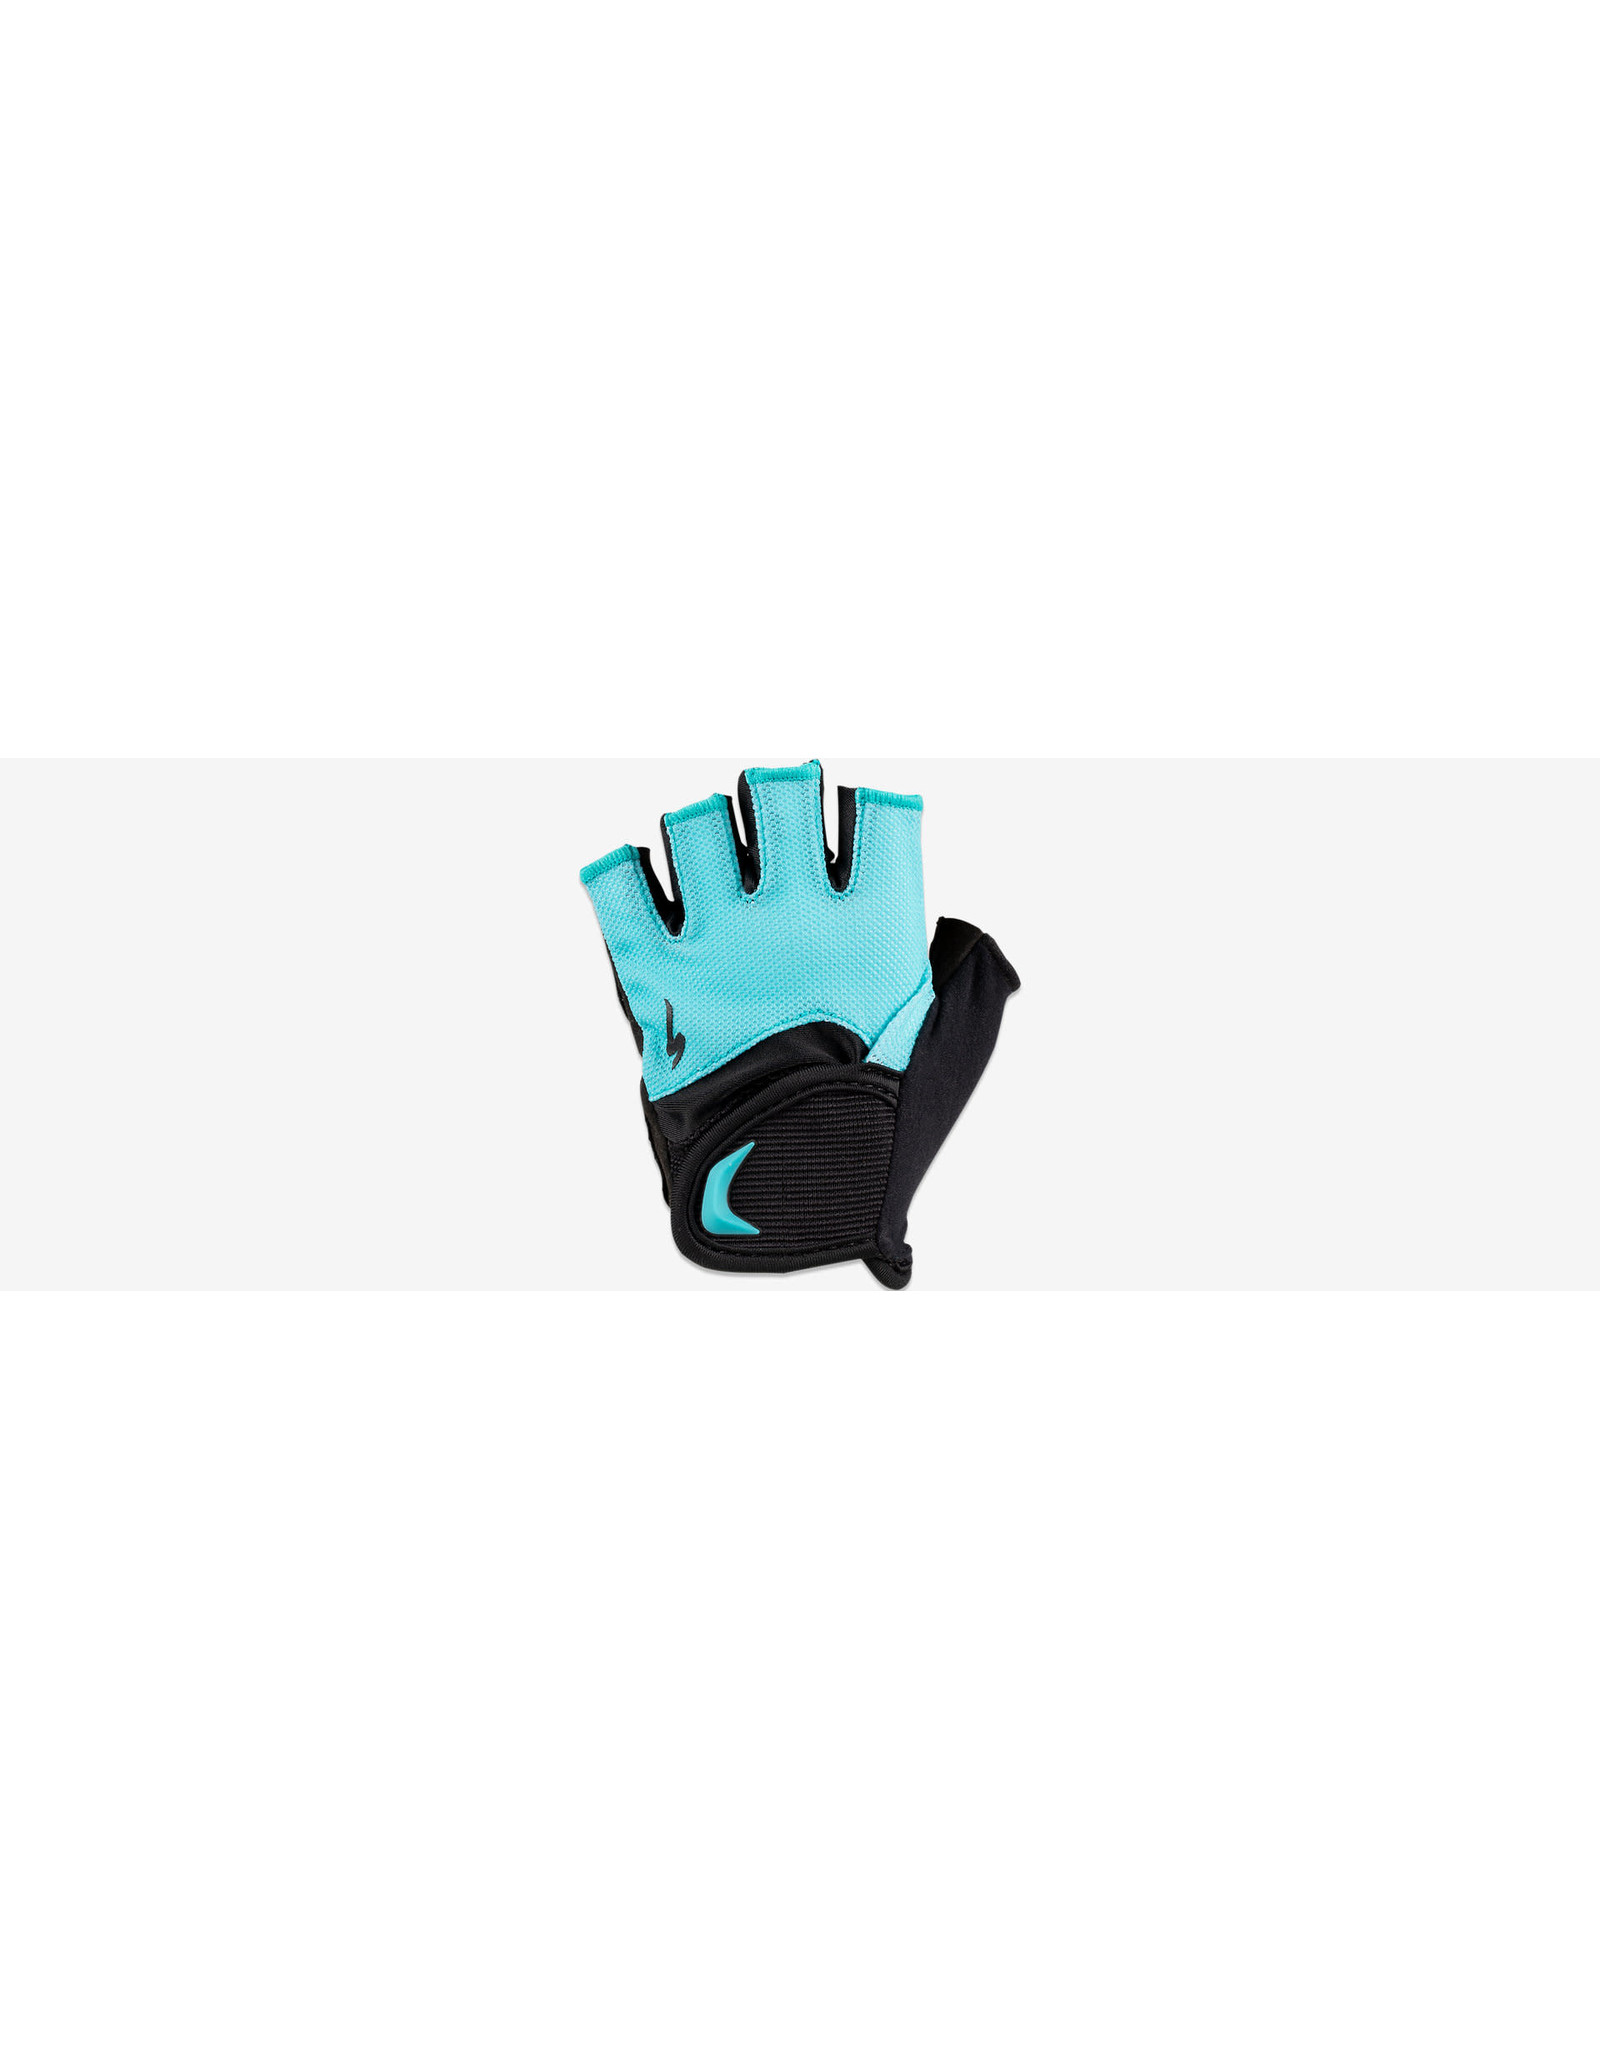 Specialized Glove Spec BG Kids Aqa Large